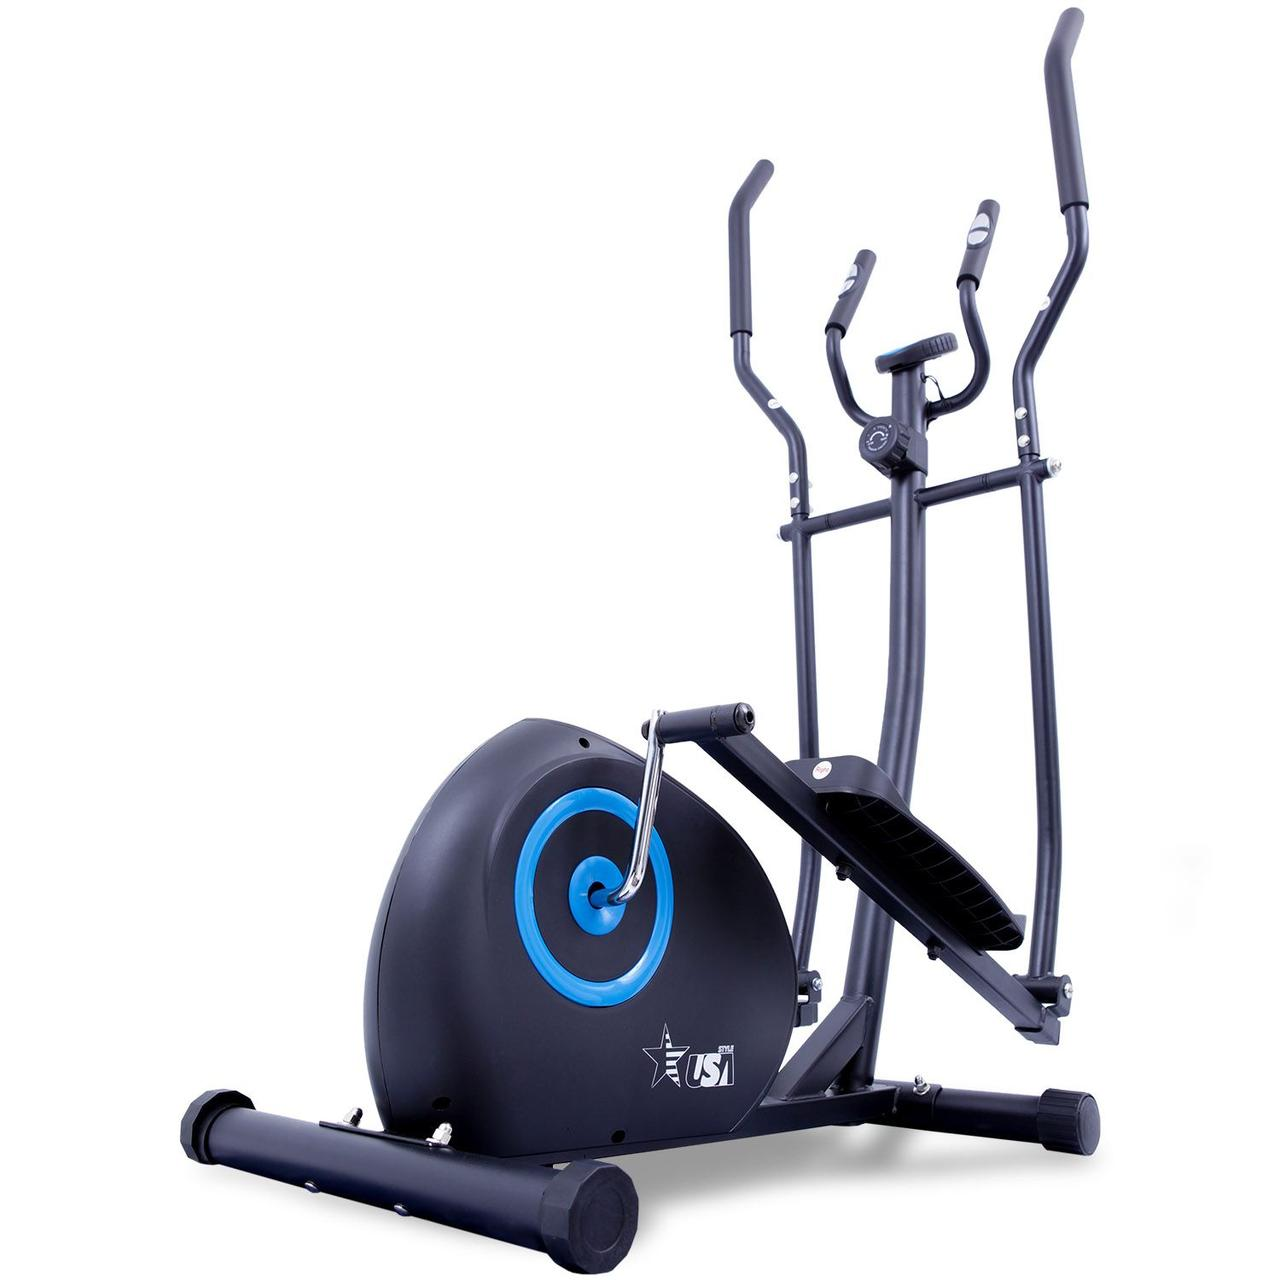 Орбітрек магнітний для дому до 110 кг USA Style чорний з синім US221